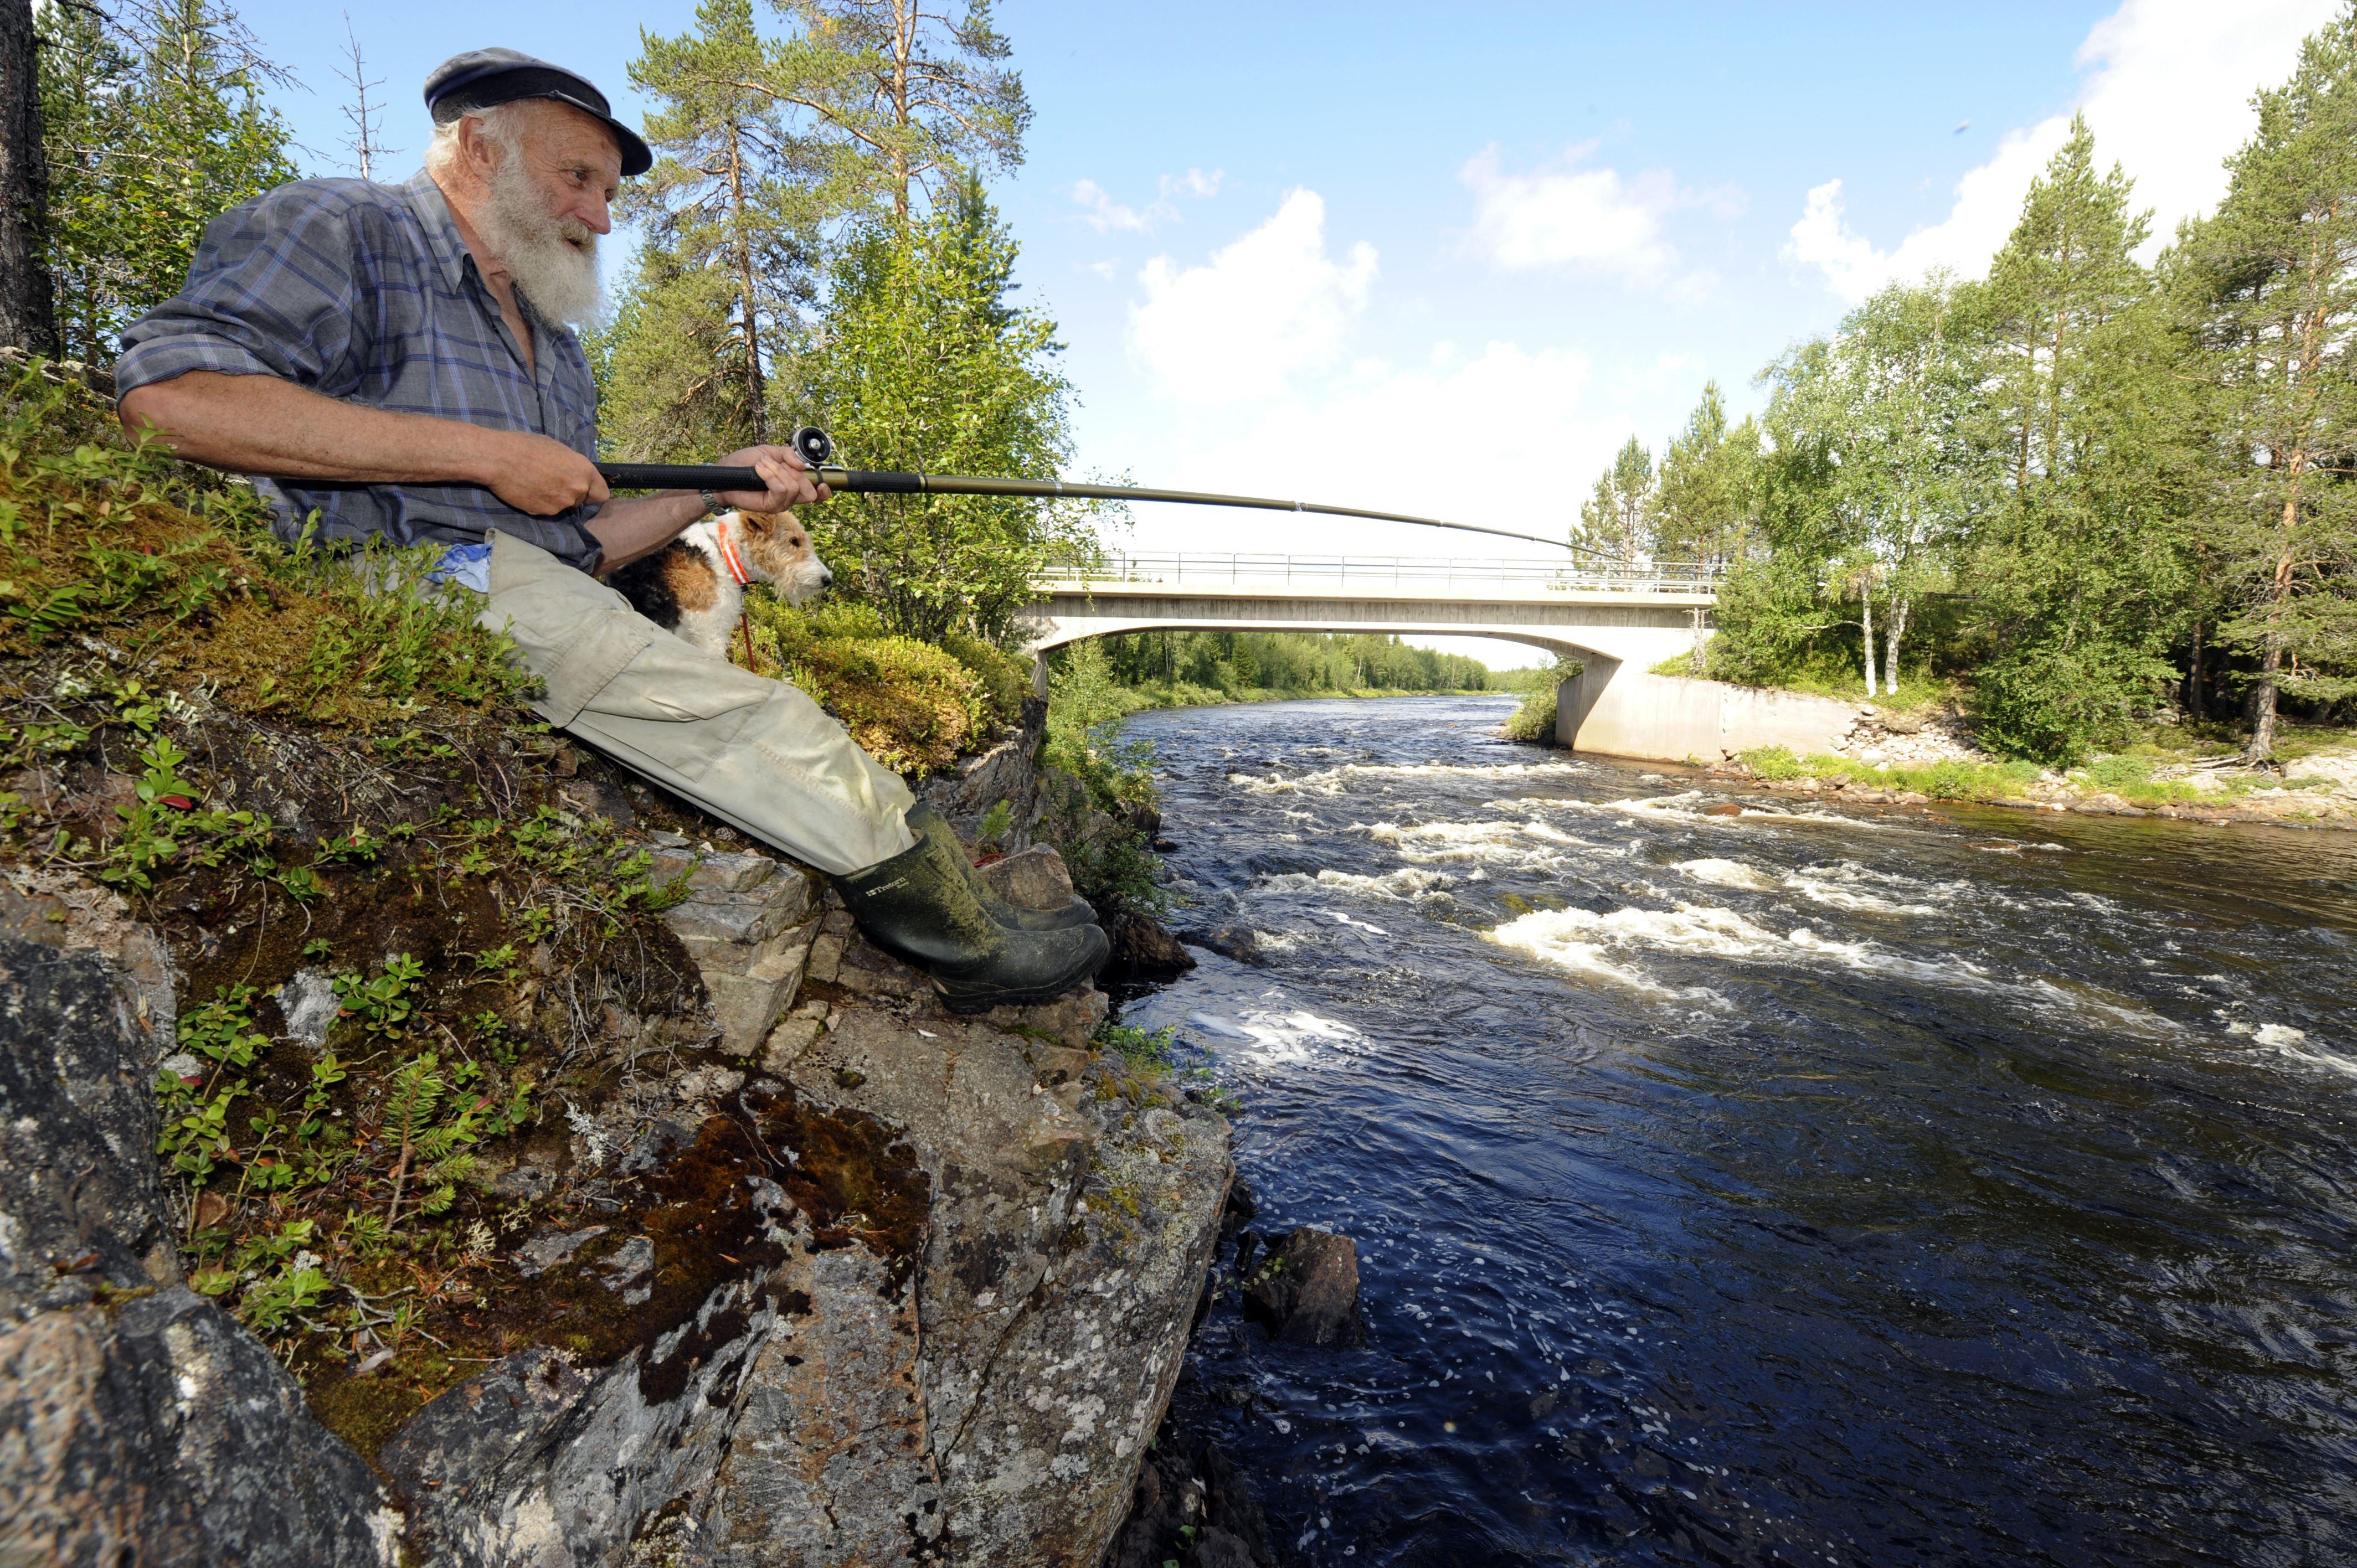 Älvdalen's Fishing area